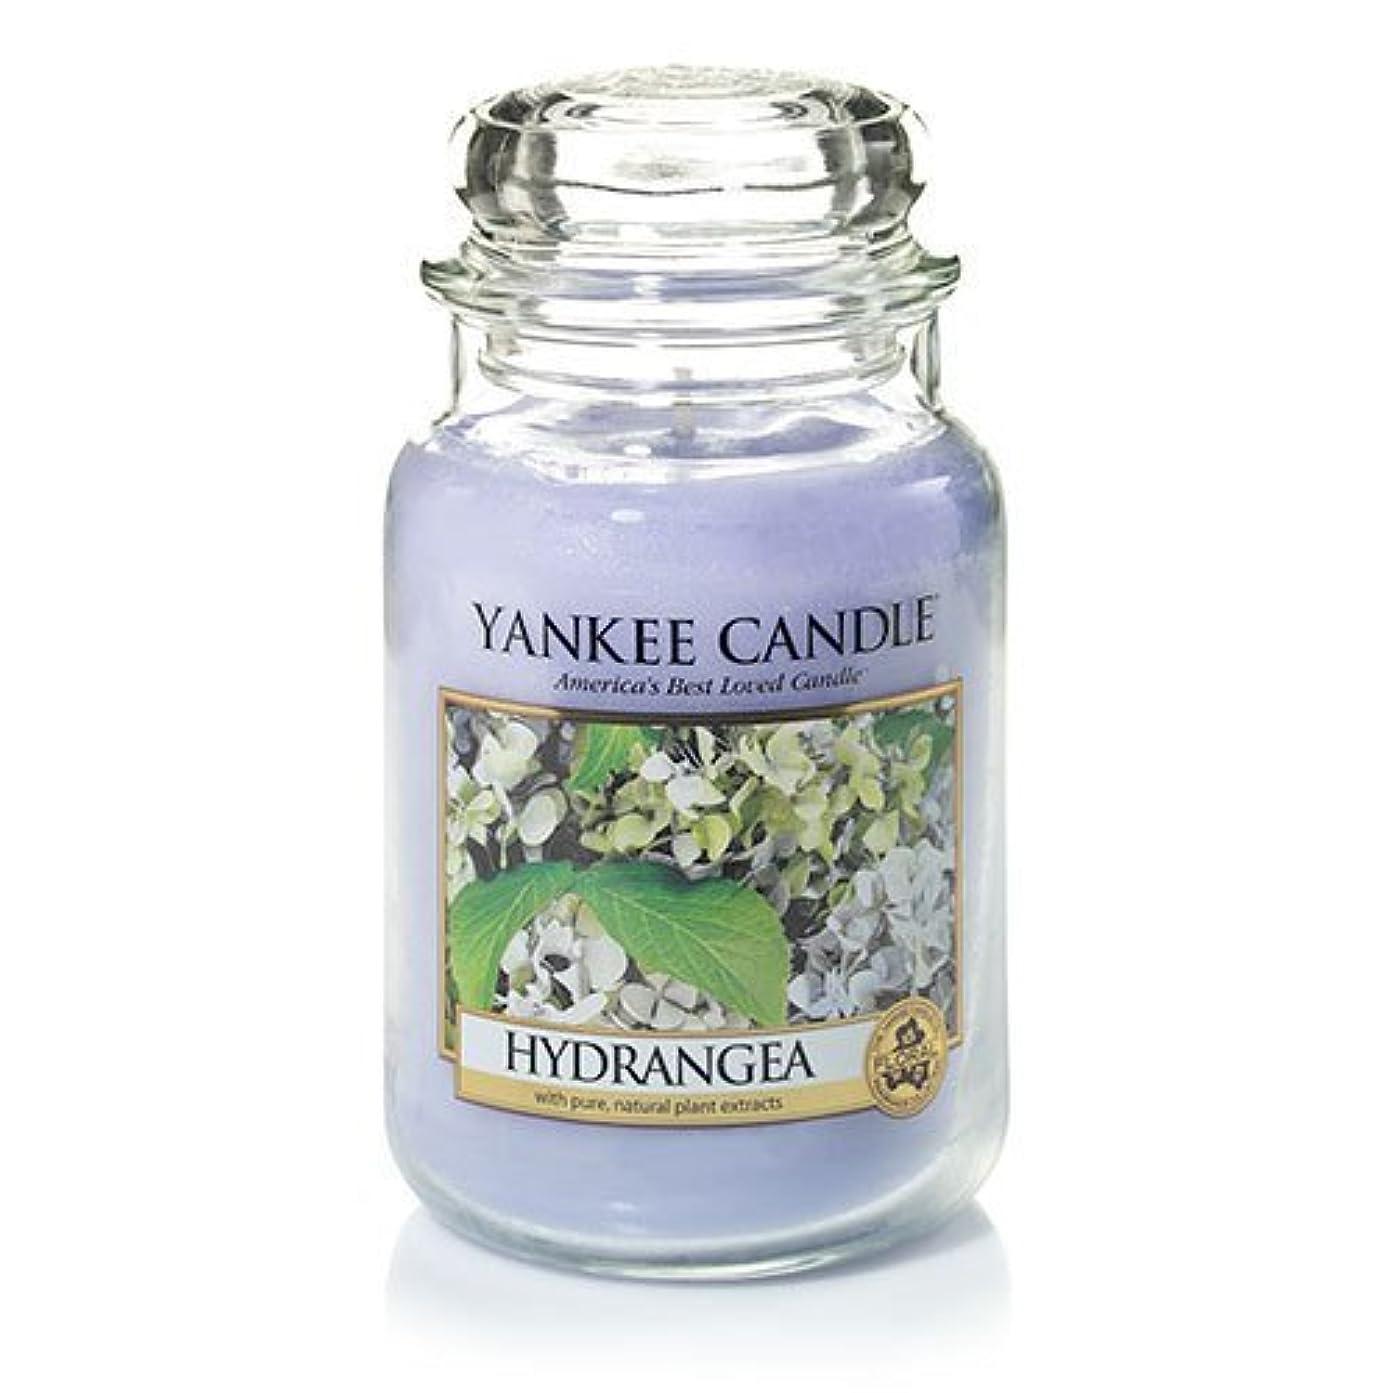 あいさつ宙返り画家Yankee Candle Hydrangea Large Jar Candle、新鮮な香り